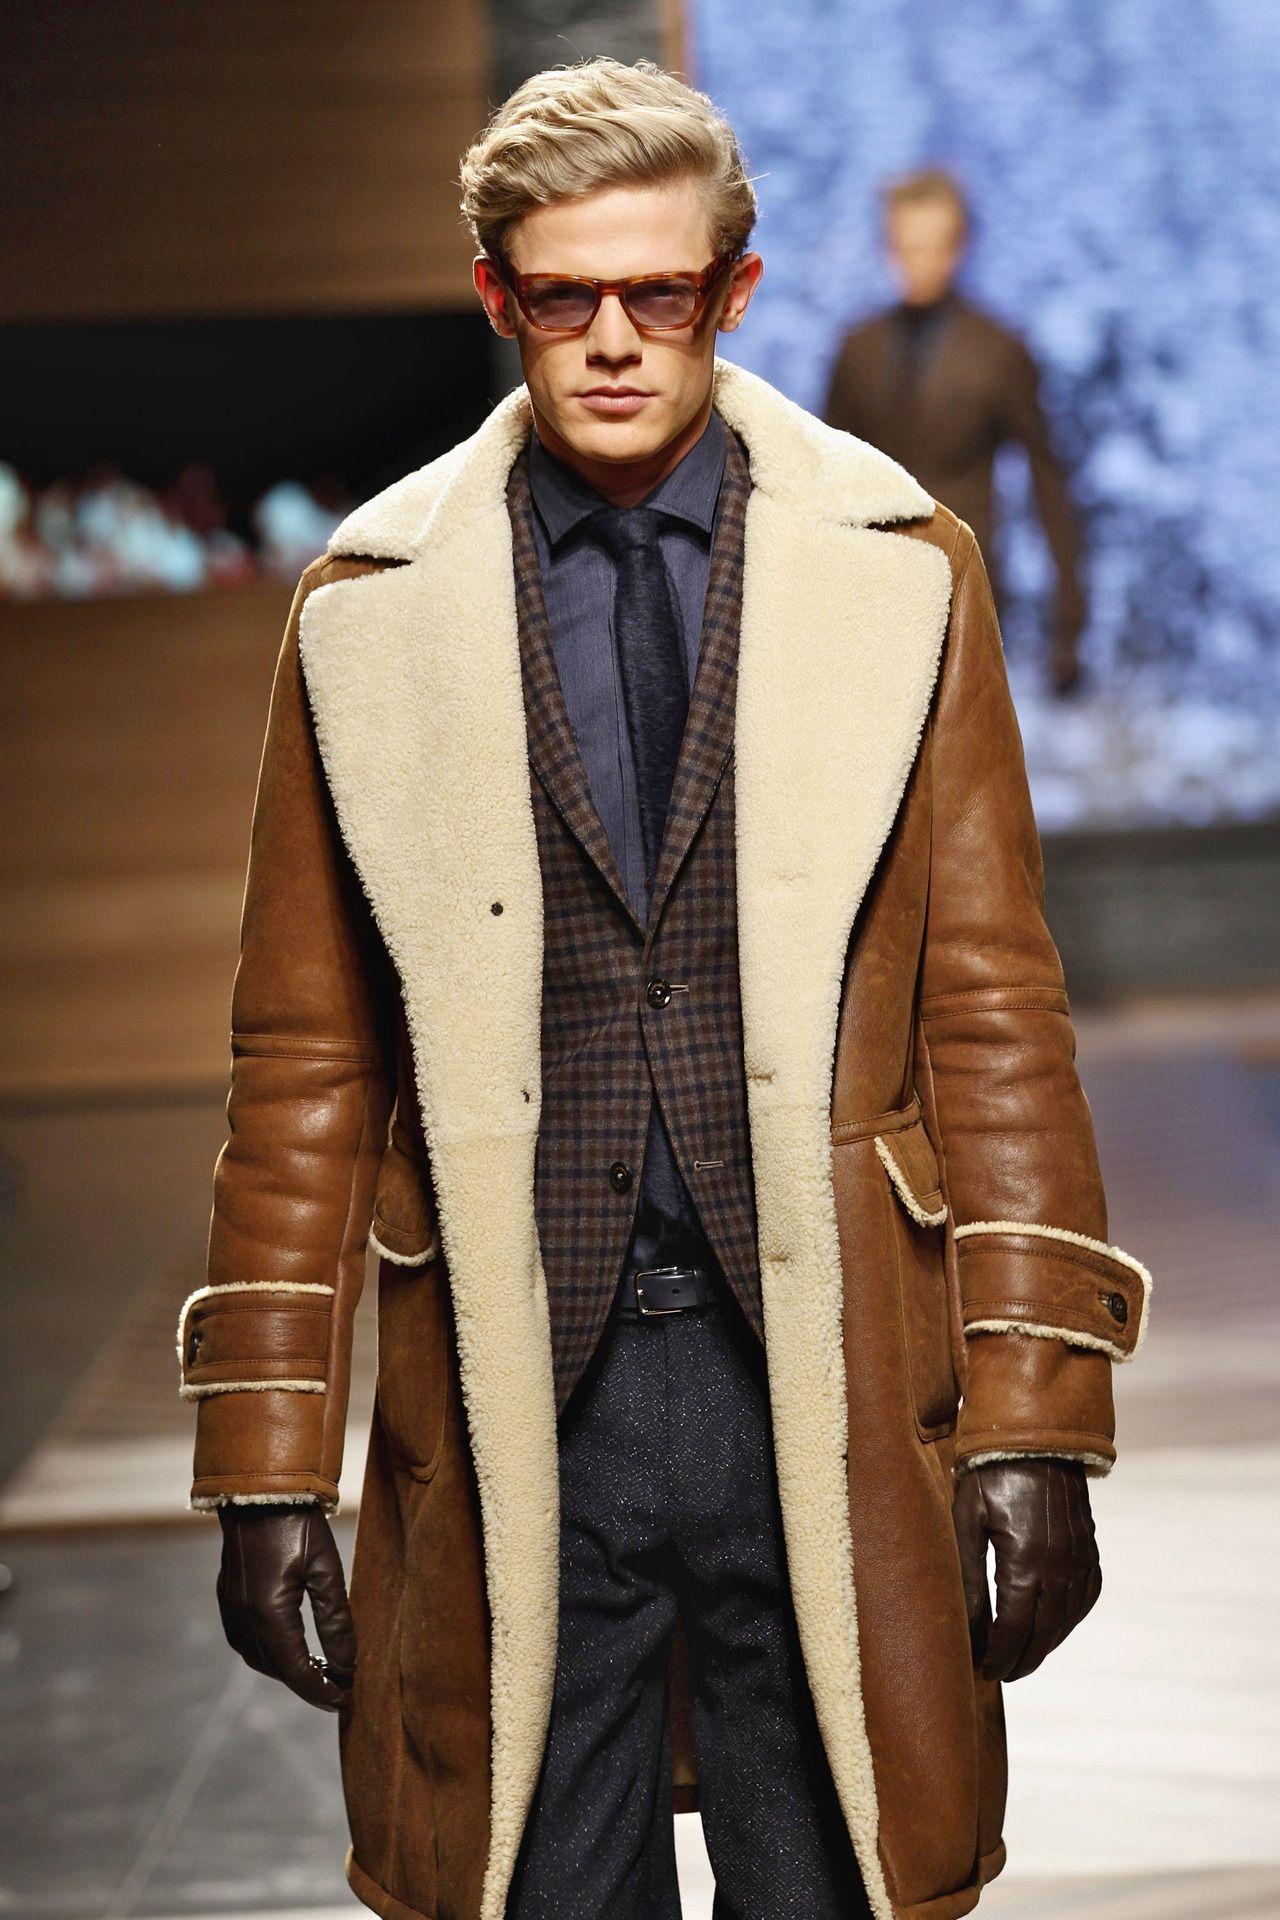 ermenegildo-zegna-shearling-coat-bane-dkr | Well Dressed ...